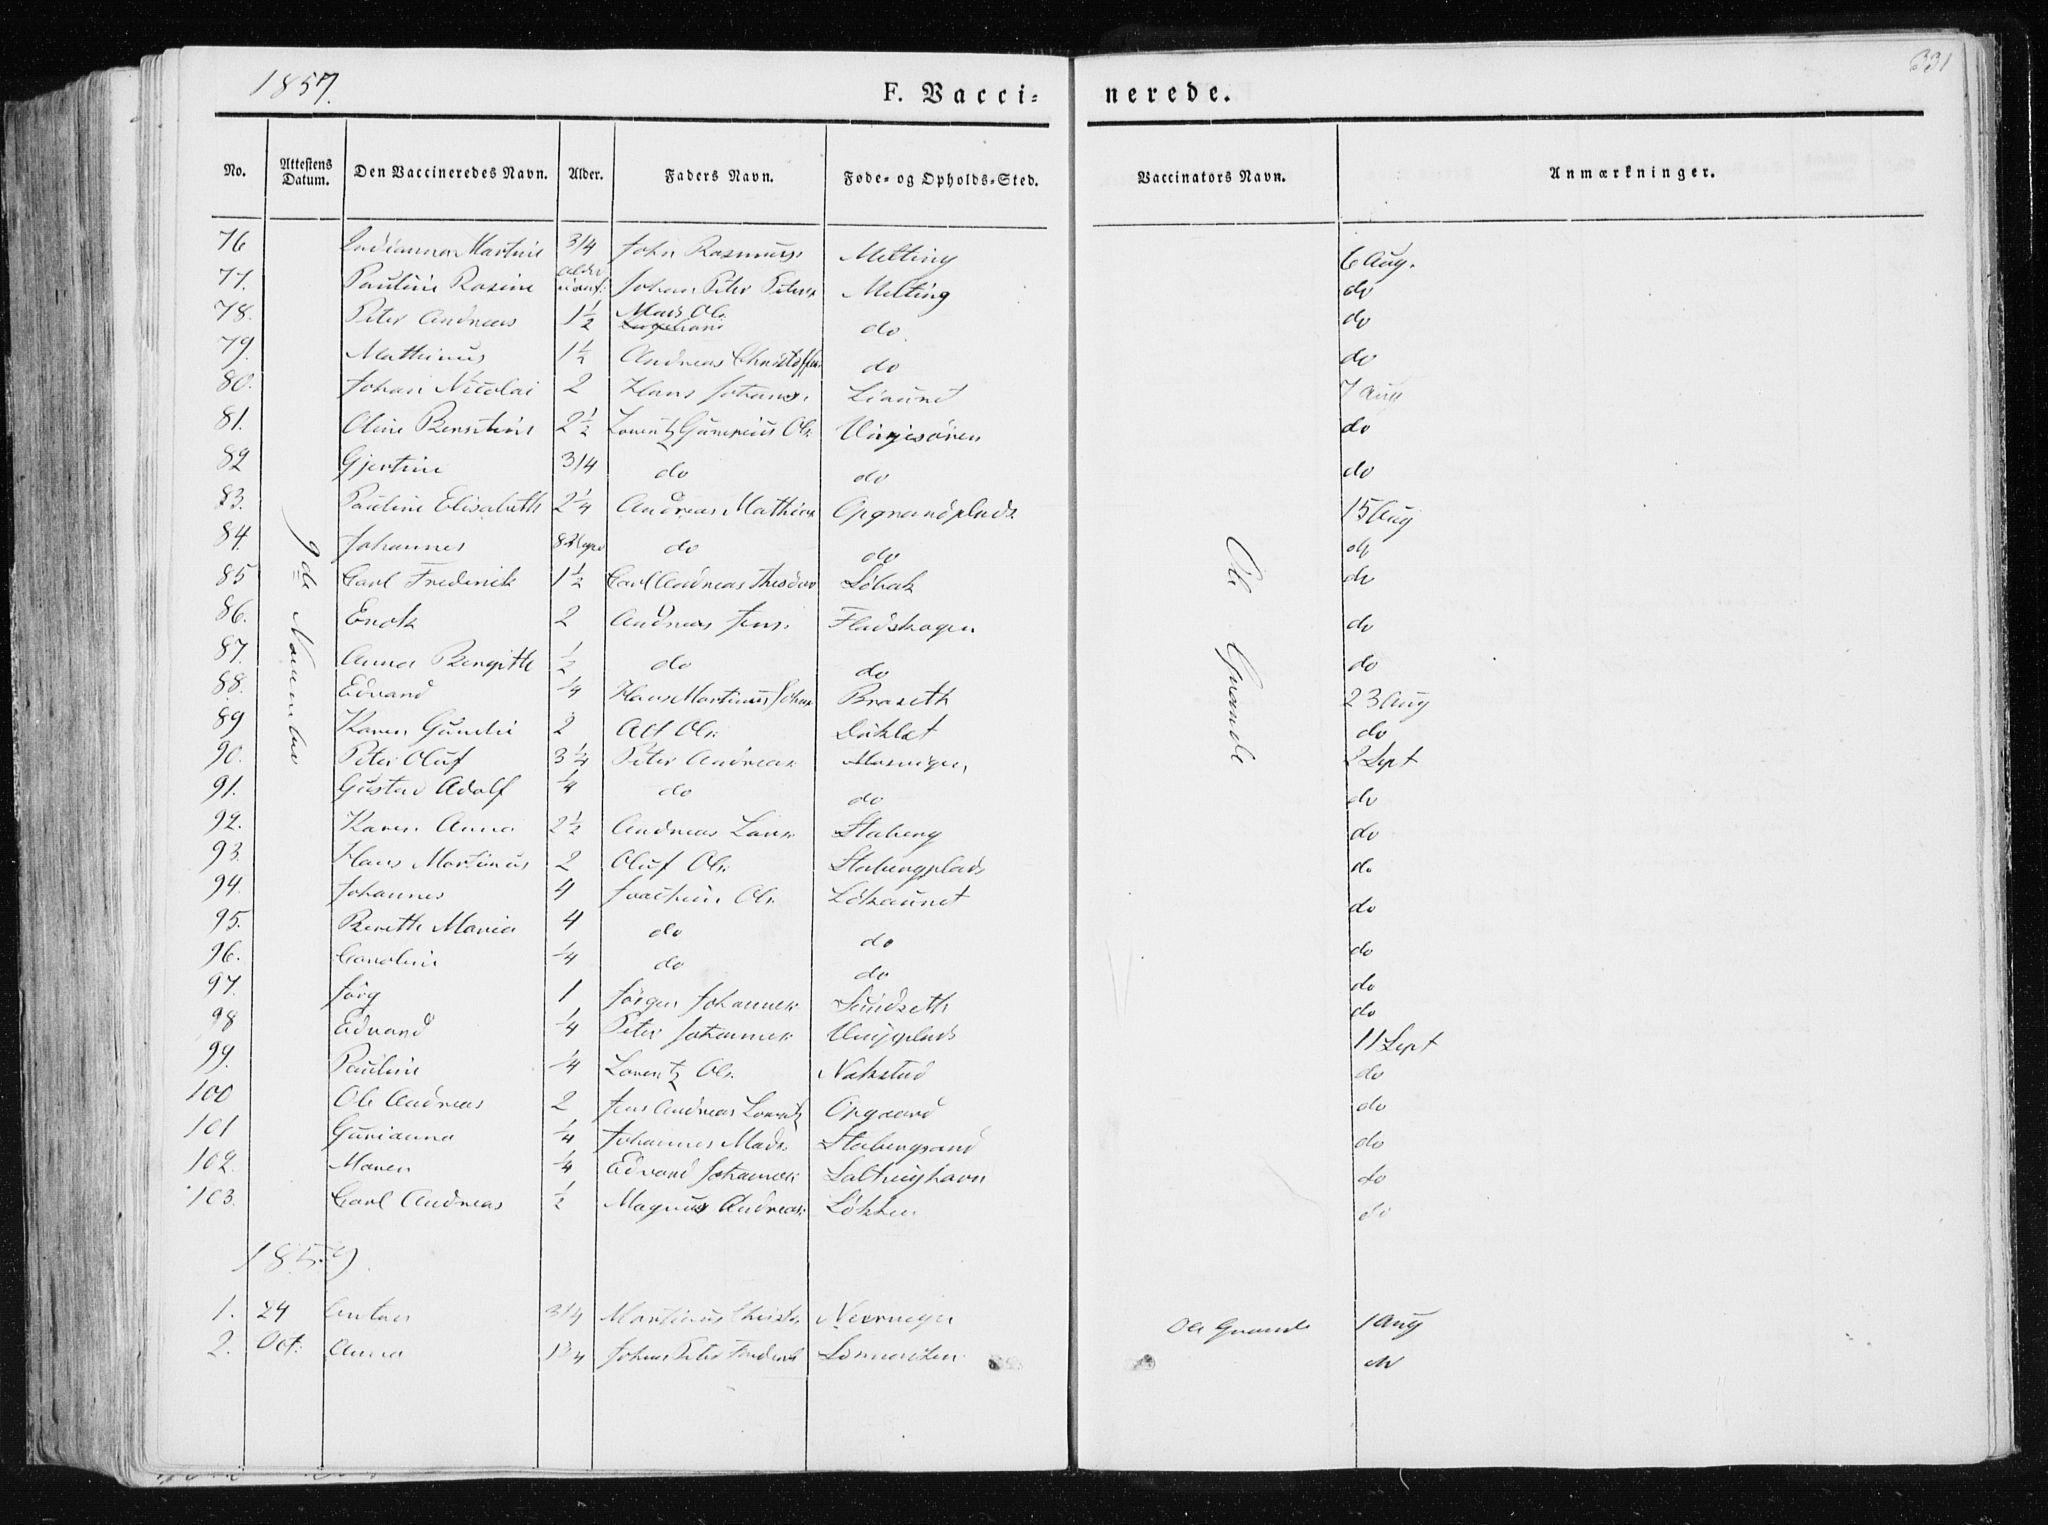 SAT, Ministerialprotokoller, klokkerbøker og fødselsregistre - Nord-Trøndelag, 733/L0323: Ministerialbok nr. 733A02, 1843-1870, s. 331